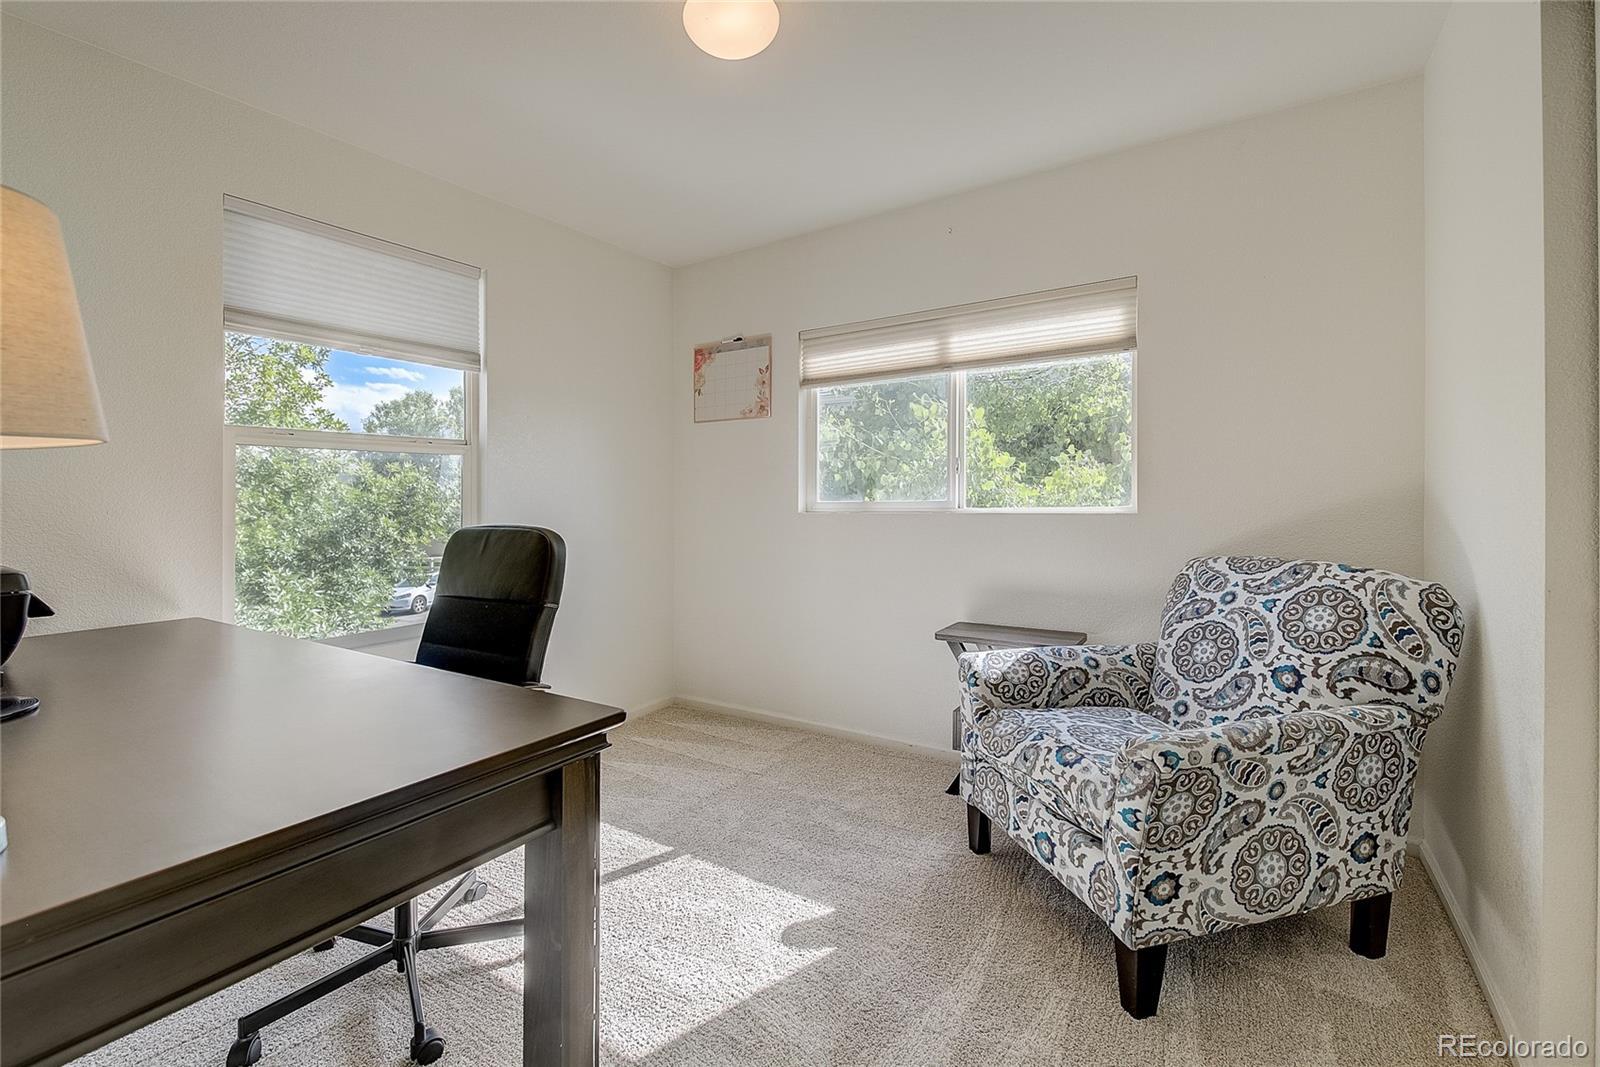 MLS# 5958307 - 26 - 10683 Butte Drive, Longmont, CO 80504